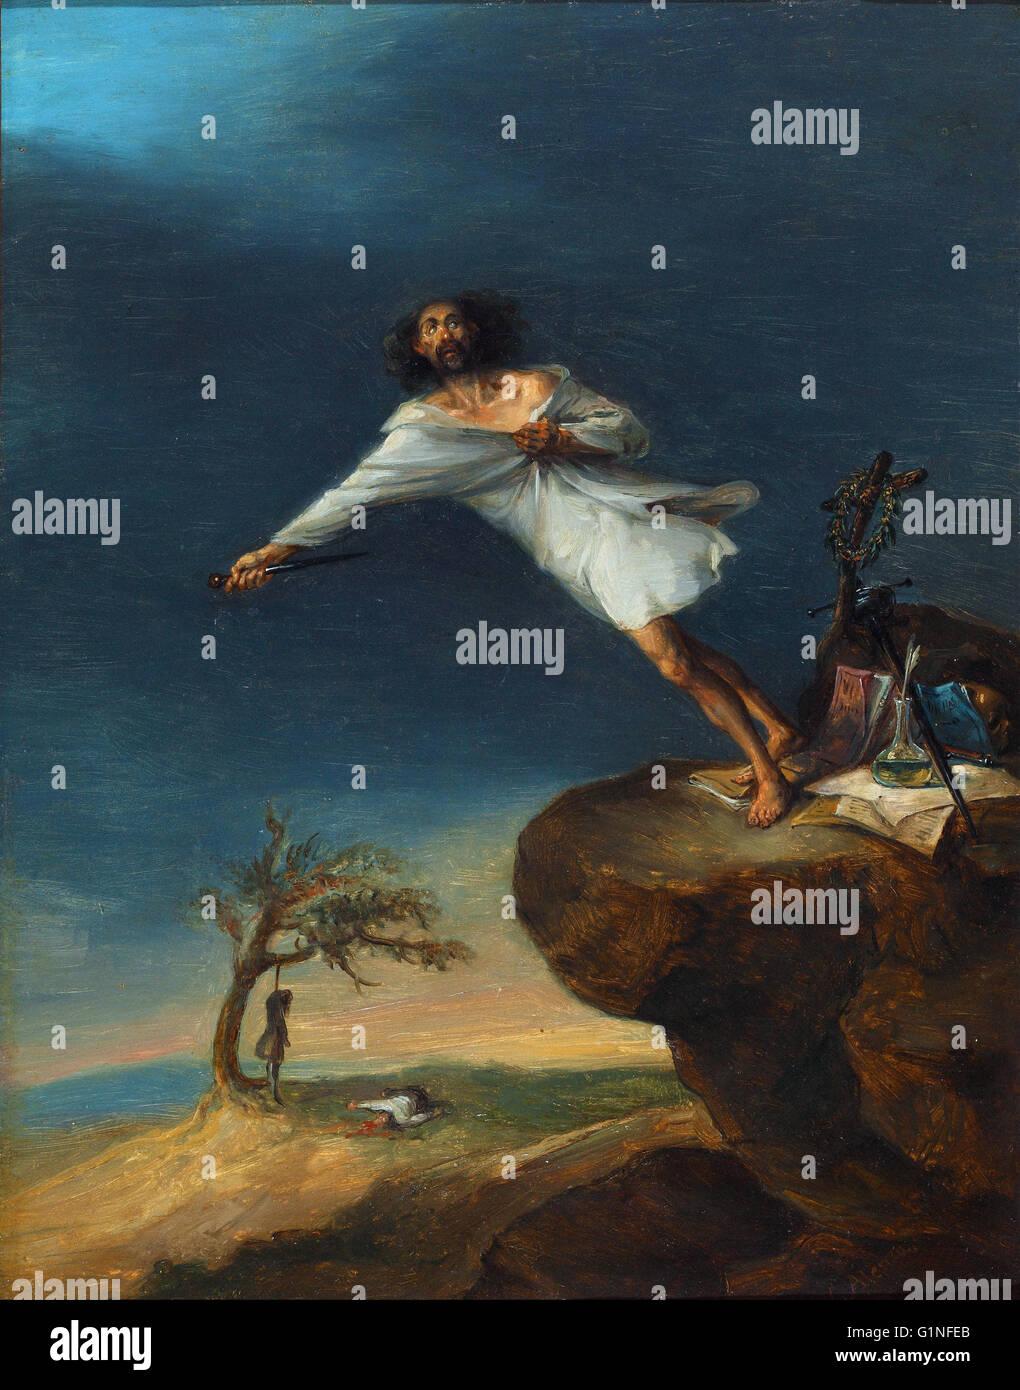 Leonardo Alenza - satira di suicidio romantico - Museo del Romanticismo, Madrid Immagini Stock